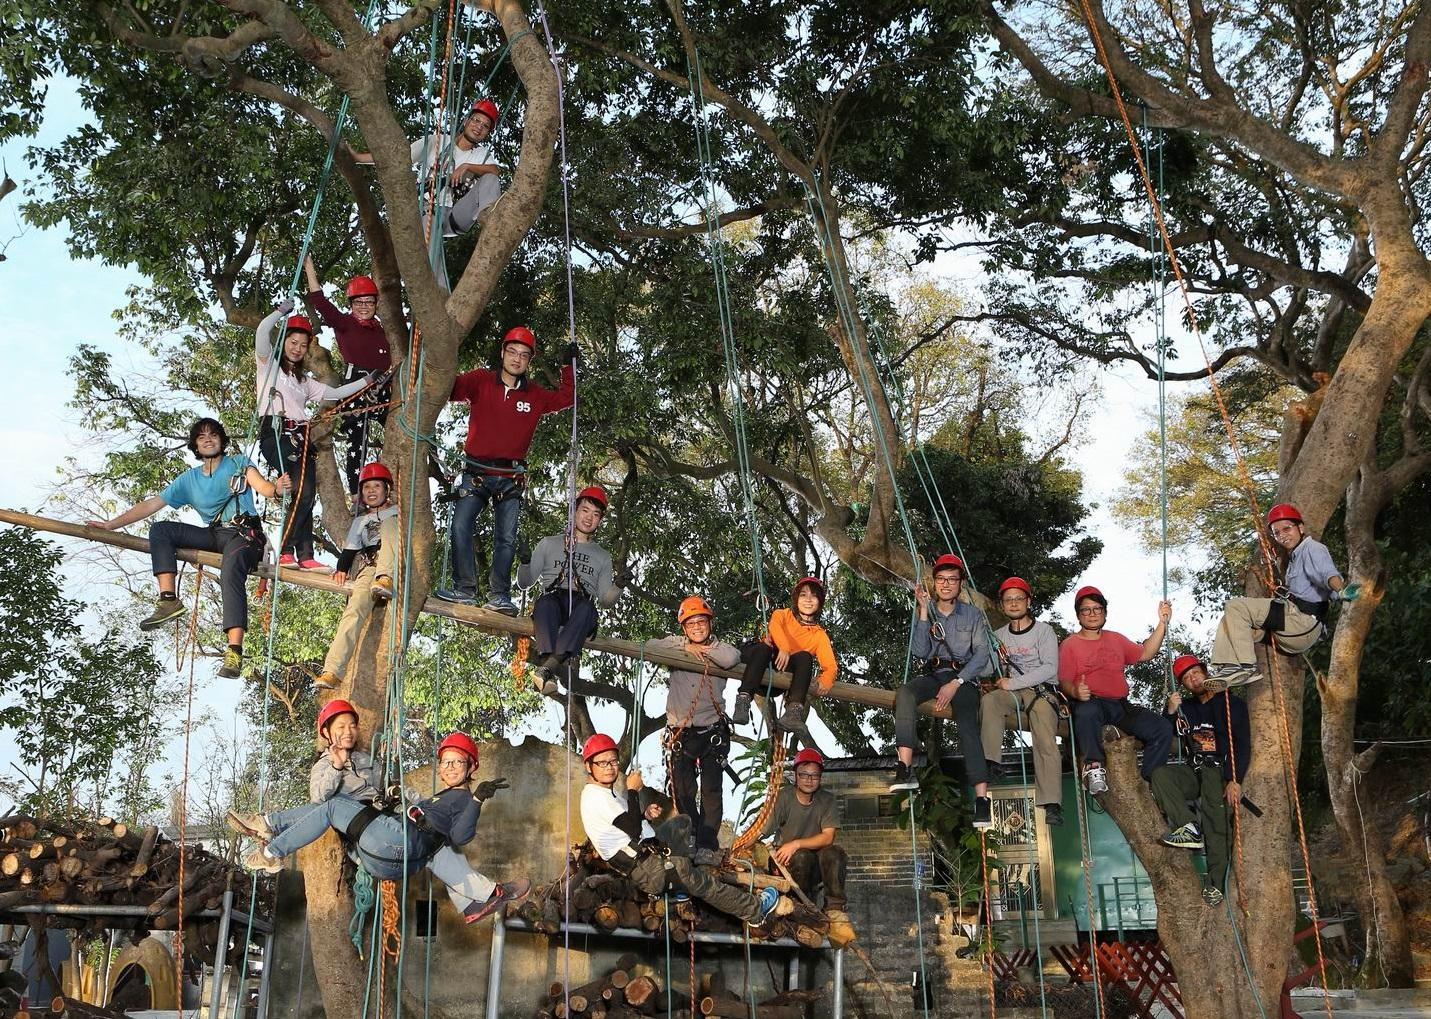 樹藝行業設不同工種,其中攀樹師和樹藝師的分工可說是一文一武。(圖由香港樹木學會提供)